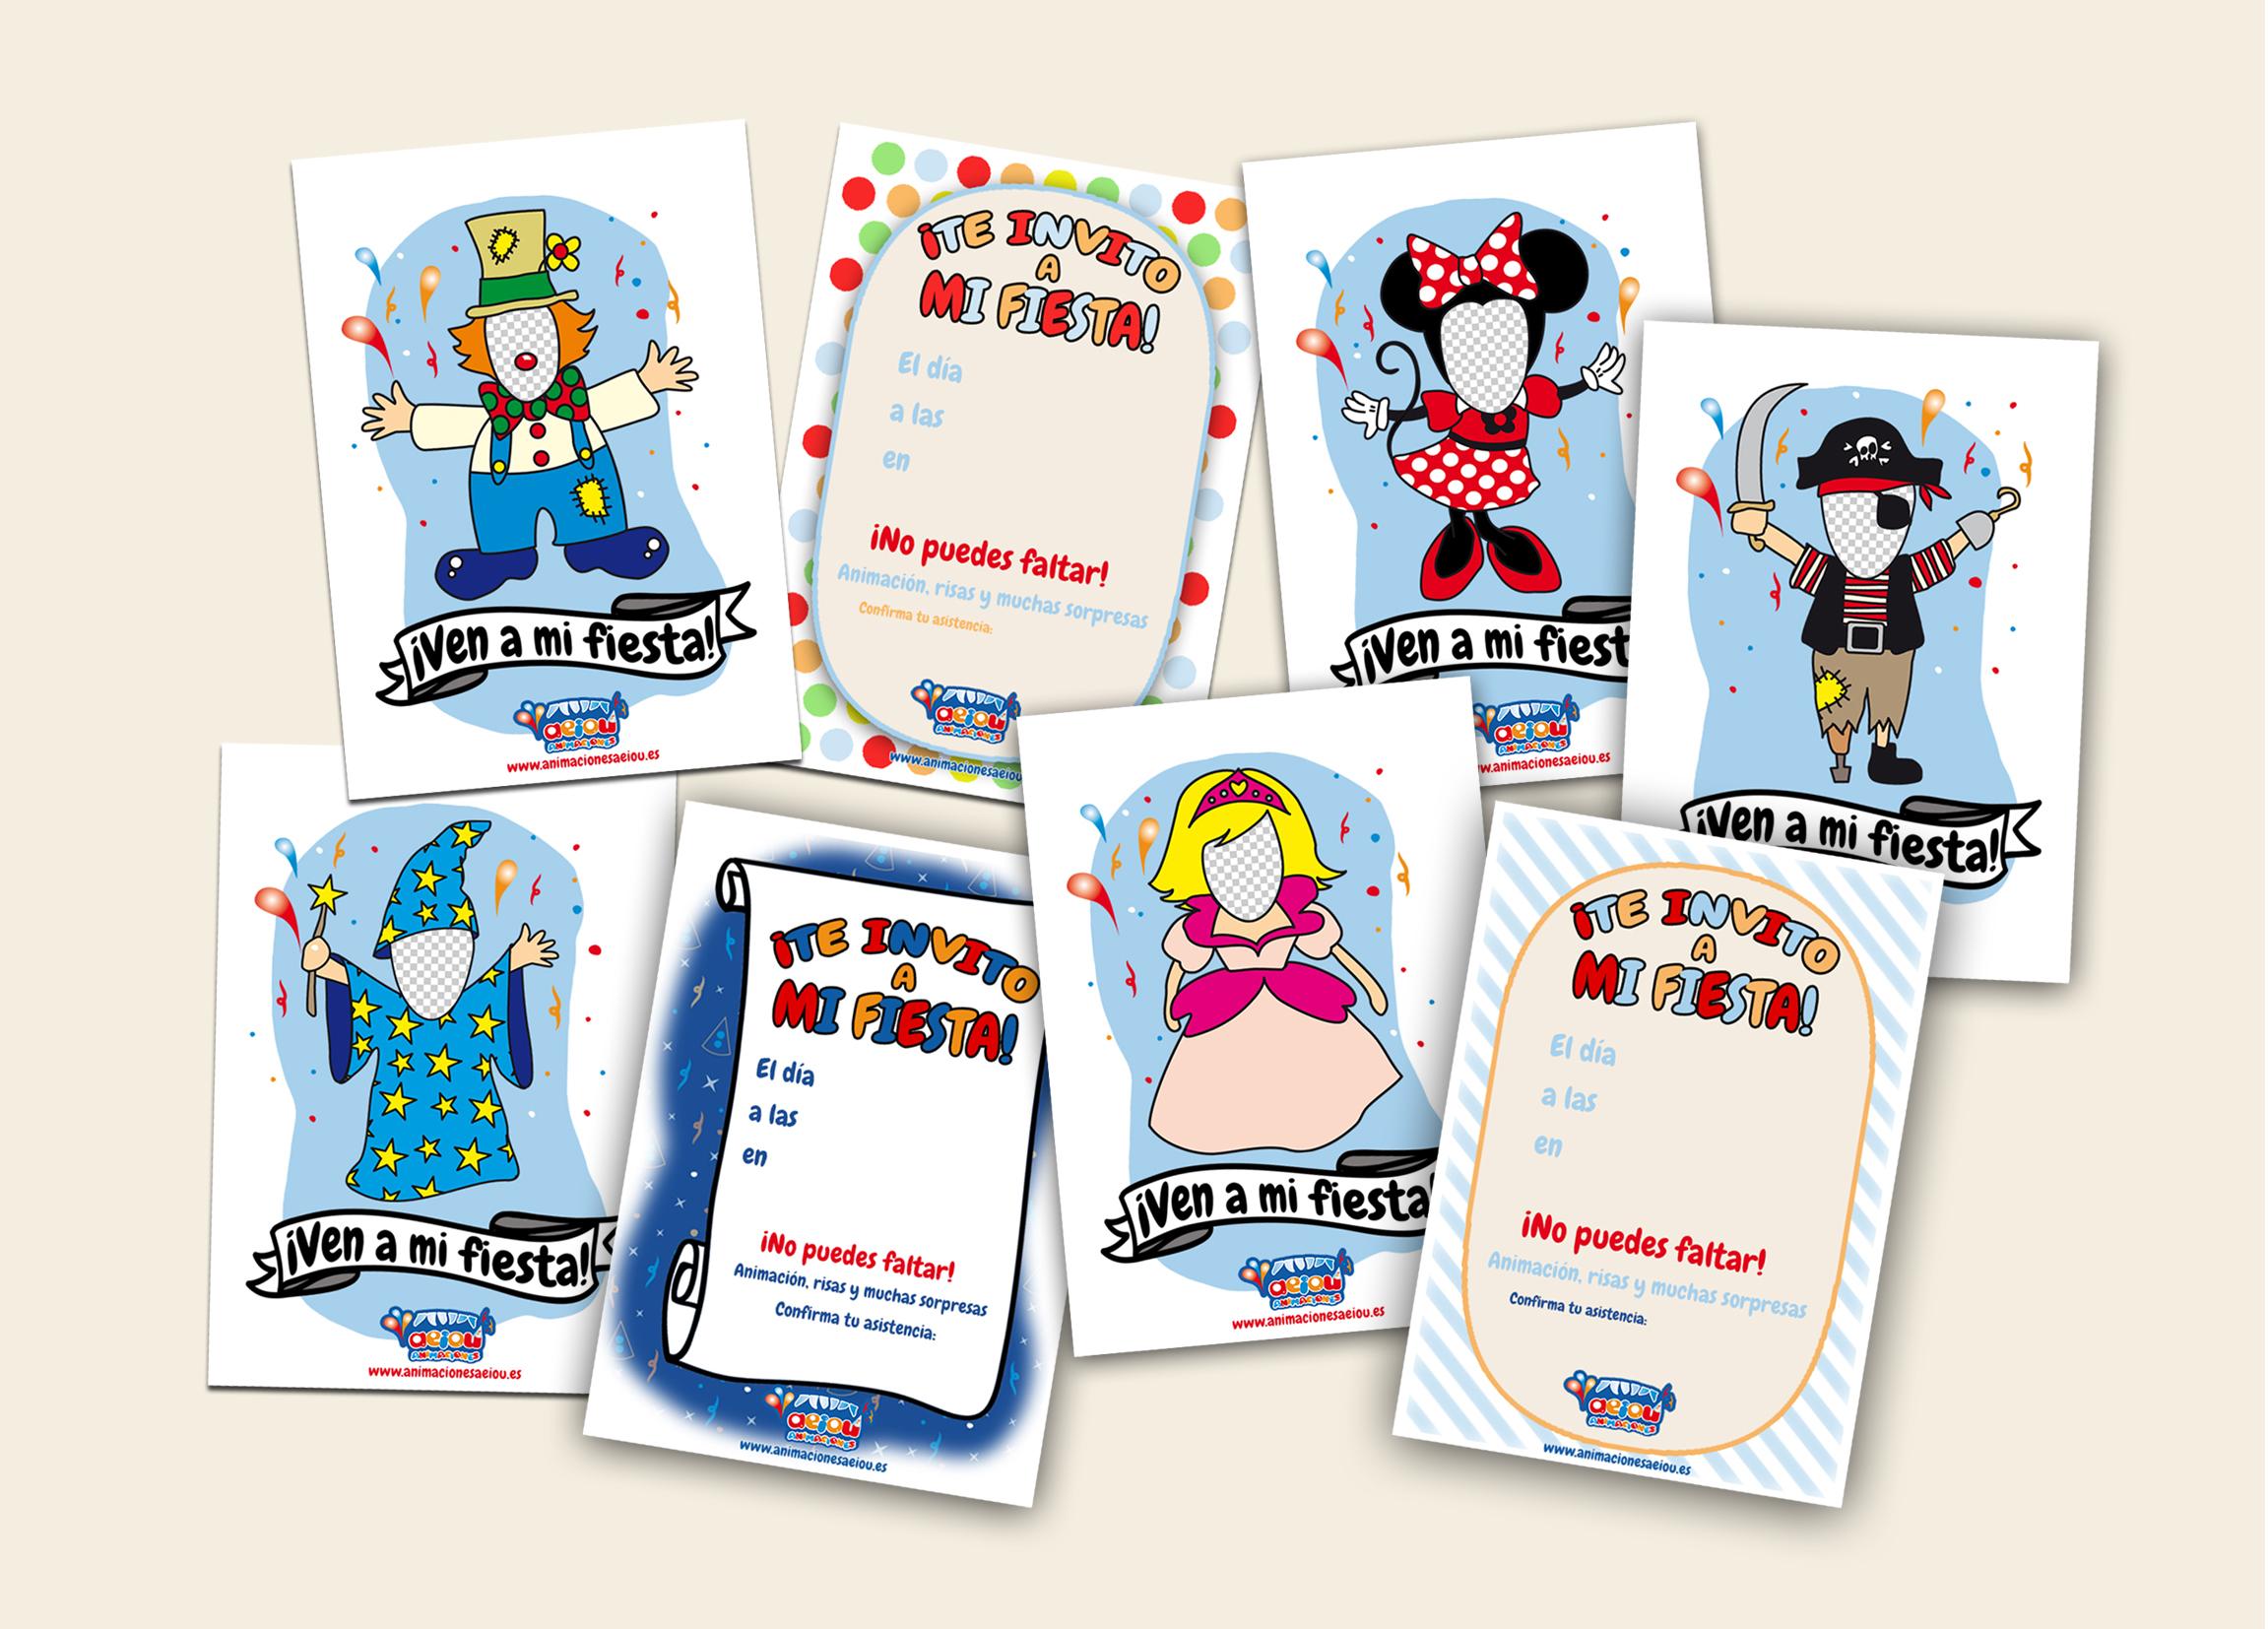 Descargar invitaciones para fiestas infantiles gratis - Ideas originales para una fiesta ...